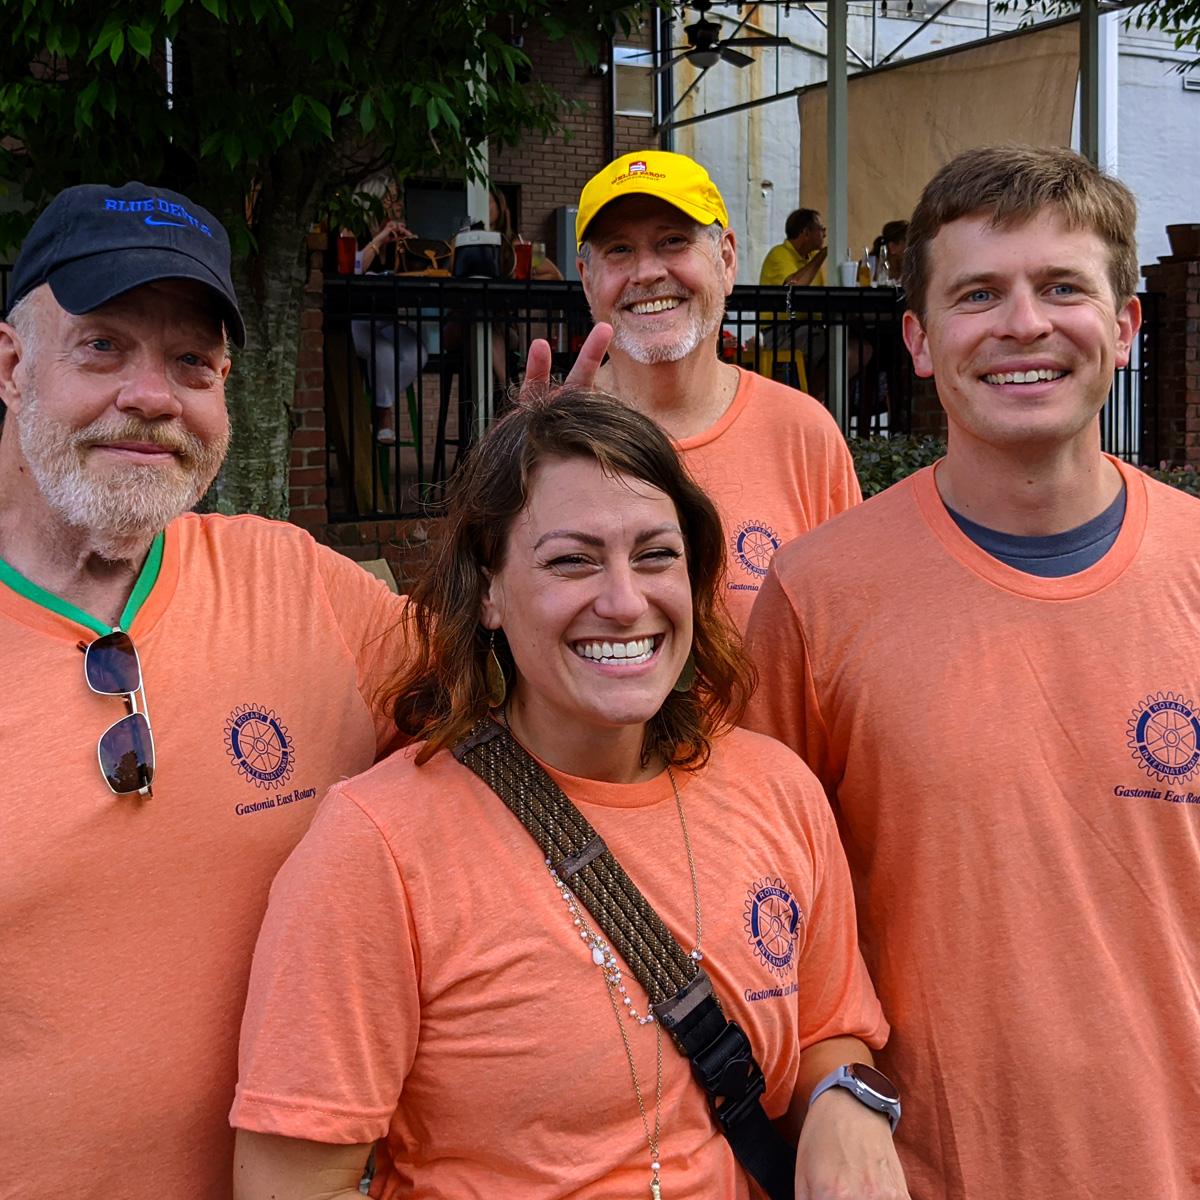 Gastonia East Rotary Volunteers